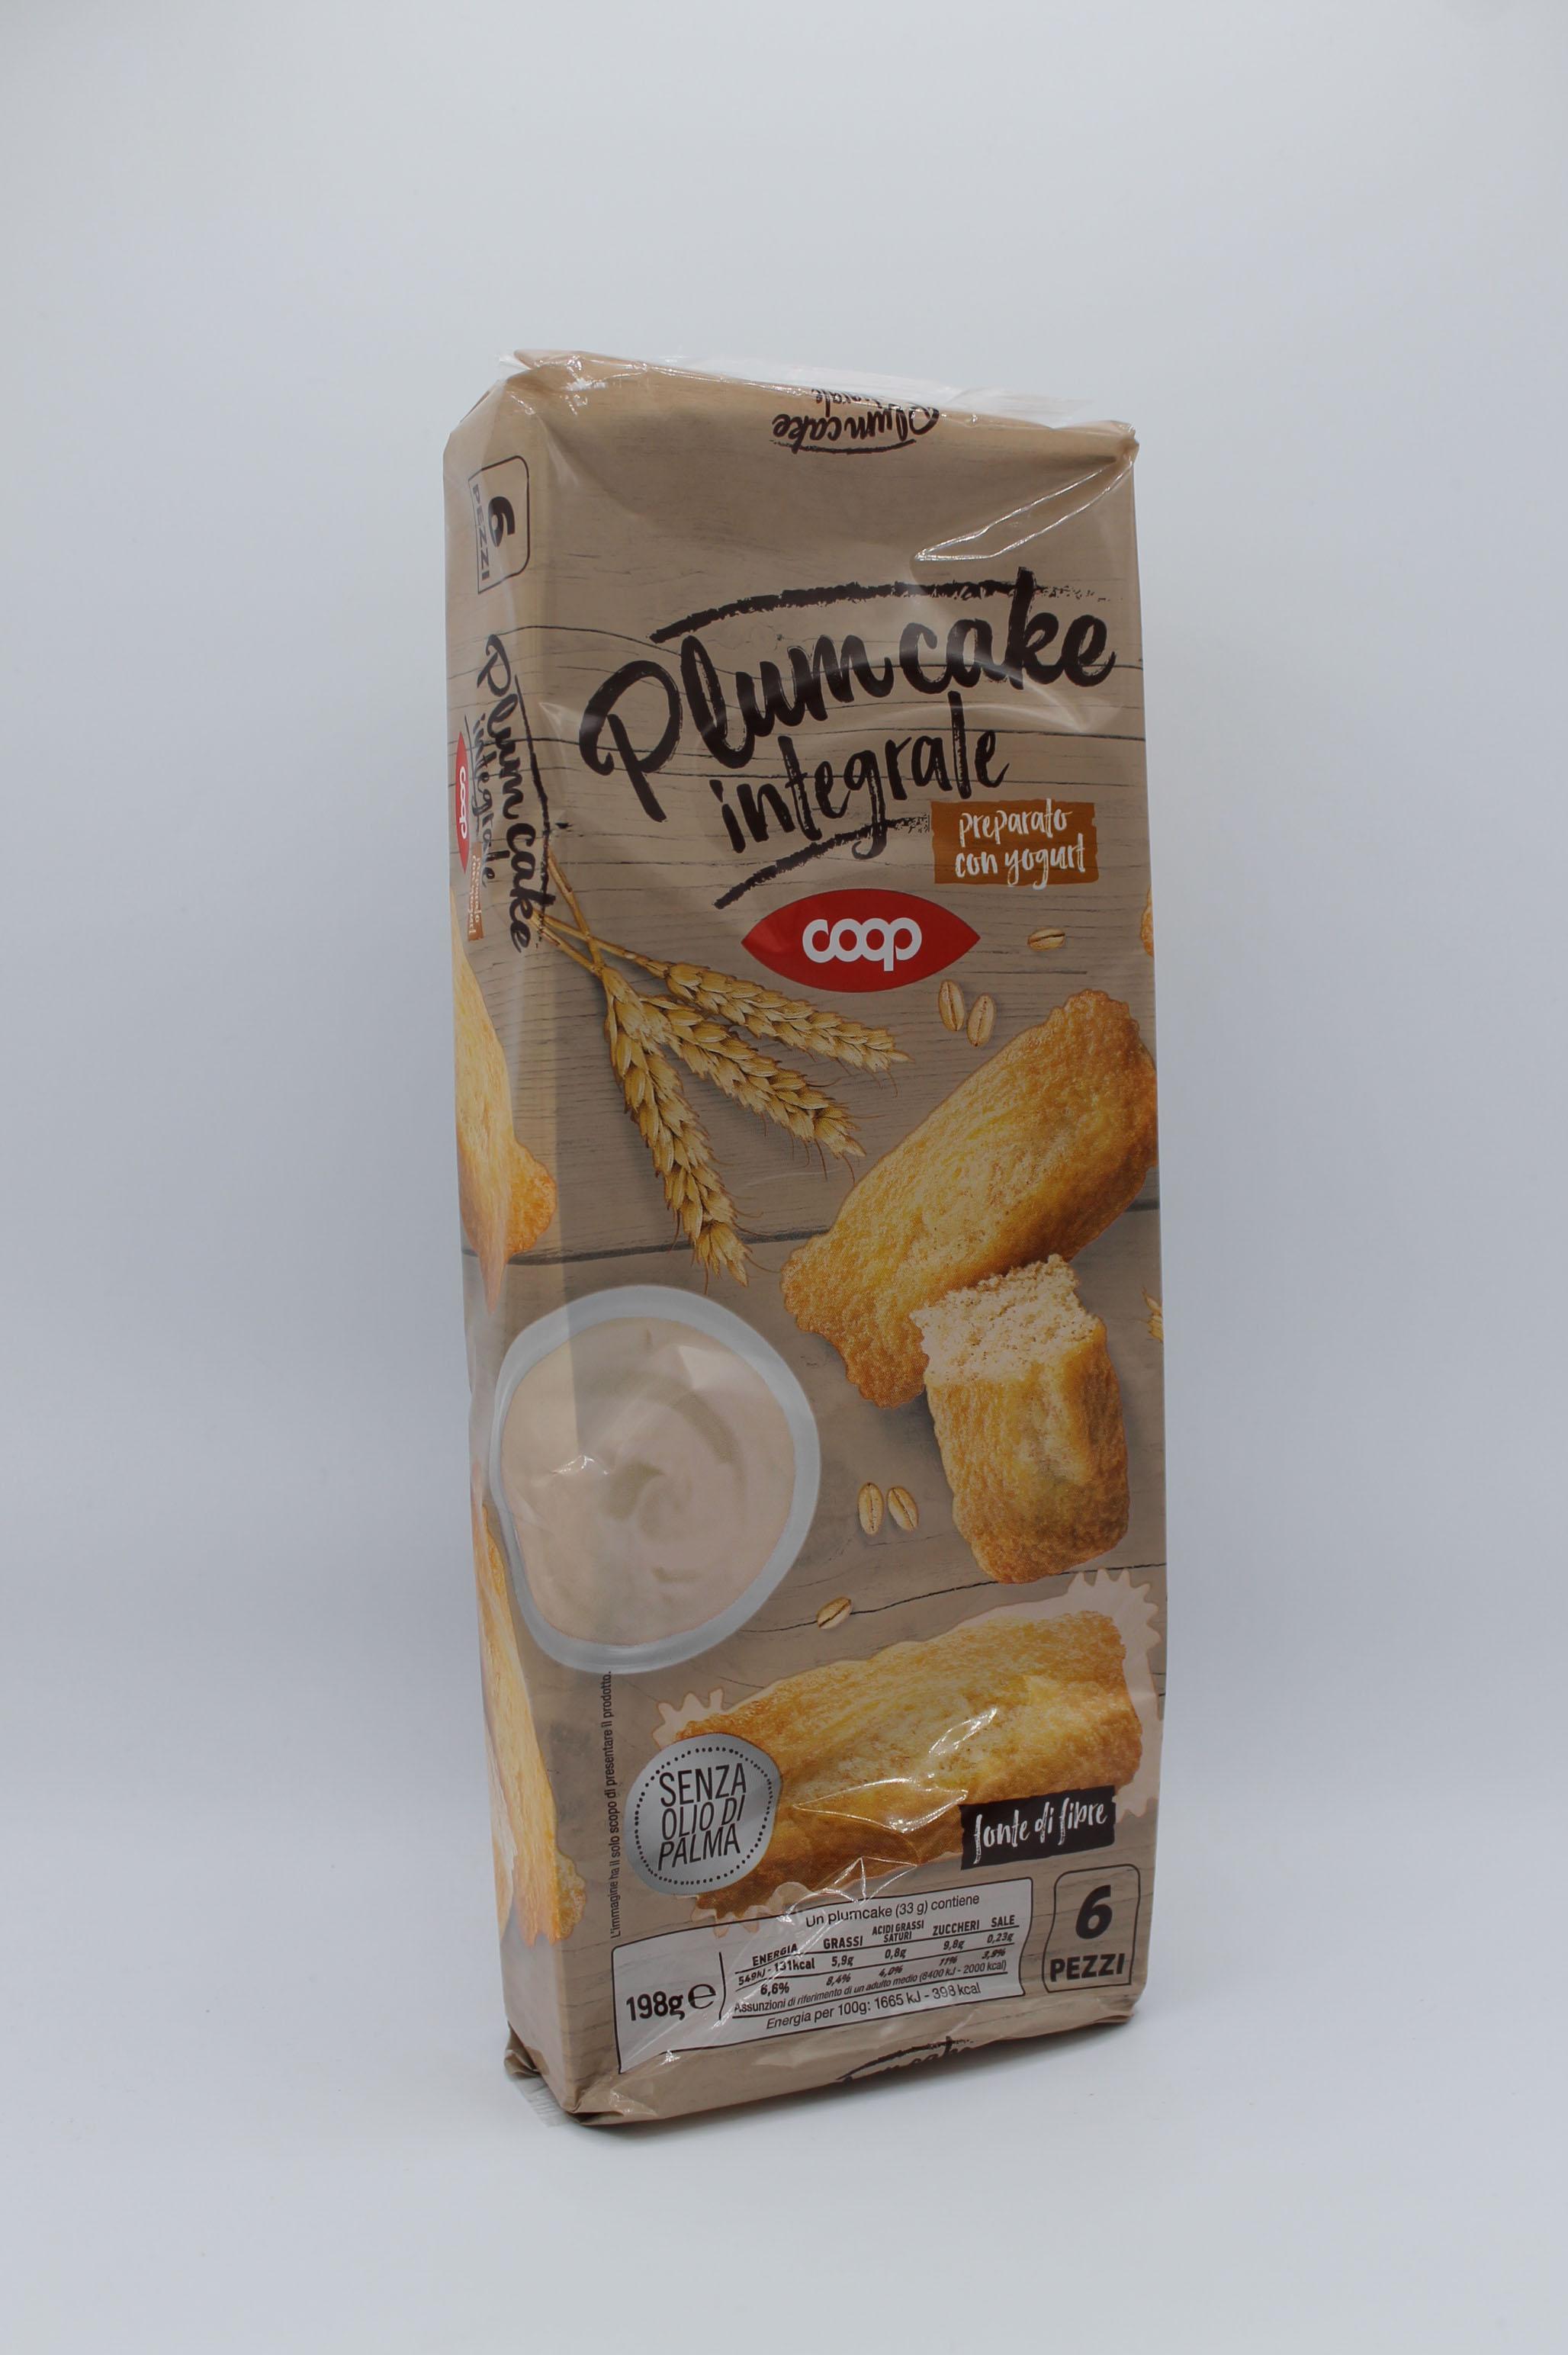 Coop plumcake 198 gr vari gusti.